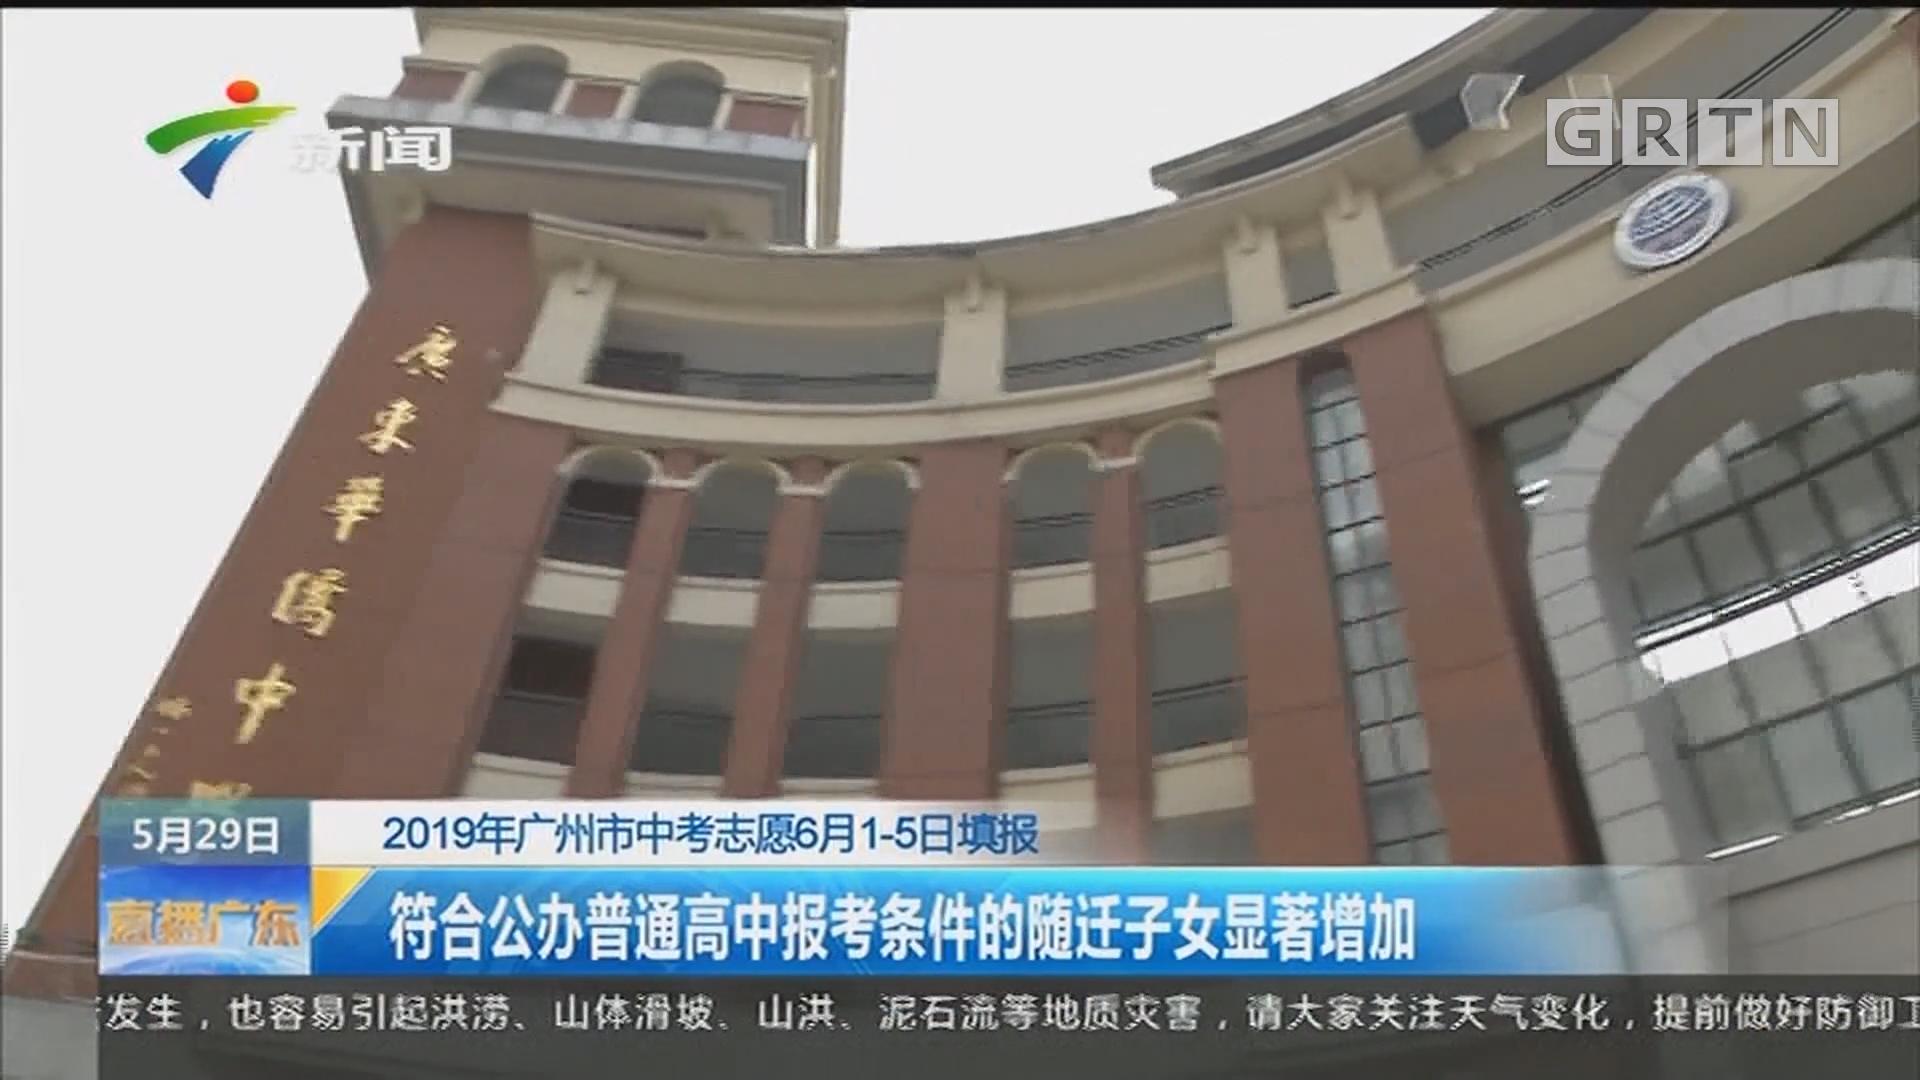 2019年广州市中考志愿6月1-5日填报:符合公办普通高中报考条件的随迁子女显著增加